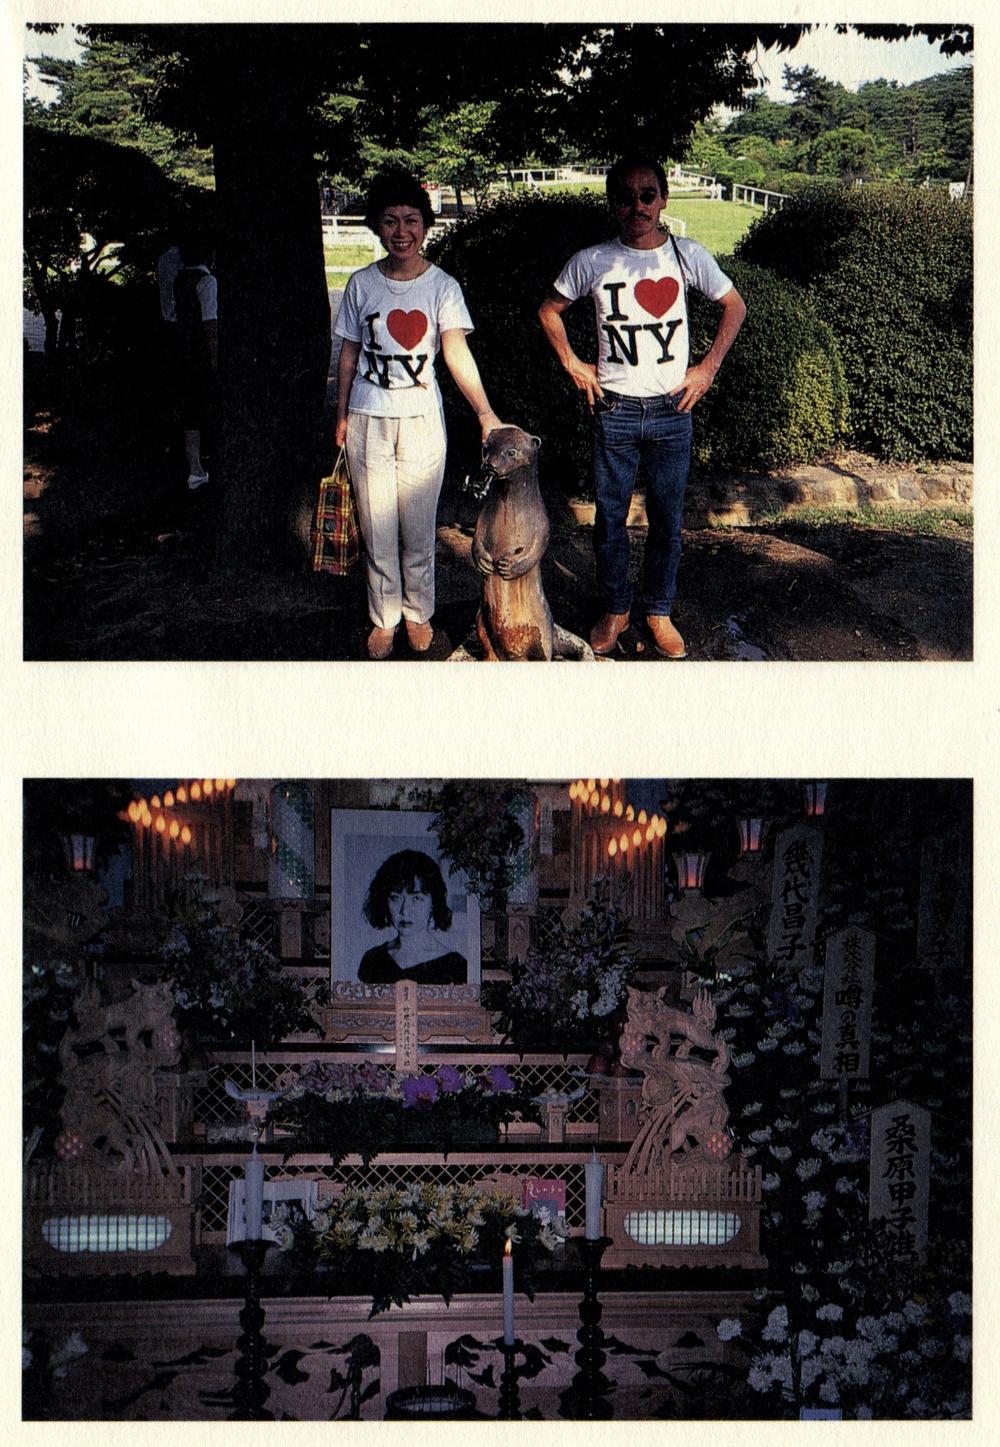 上:荒木經惟與荒木陽子、世田谷區馬事公苑、1980年代。 下:荒木陽子葬禮、台東区浄閑寺、1990年1月。 (桑原甲子雄(1995)『東京1934~1993』新潮社 p.307 )